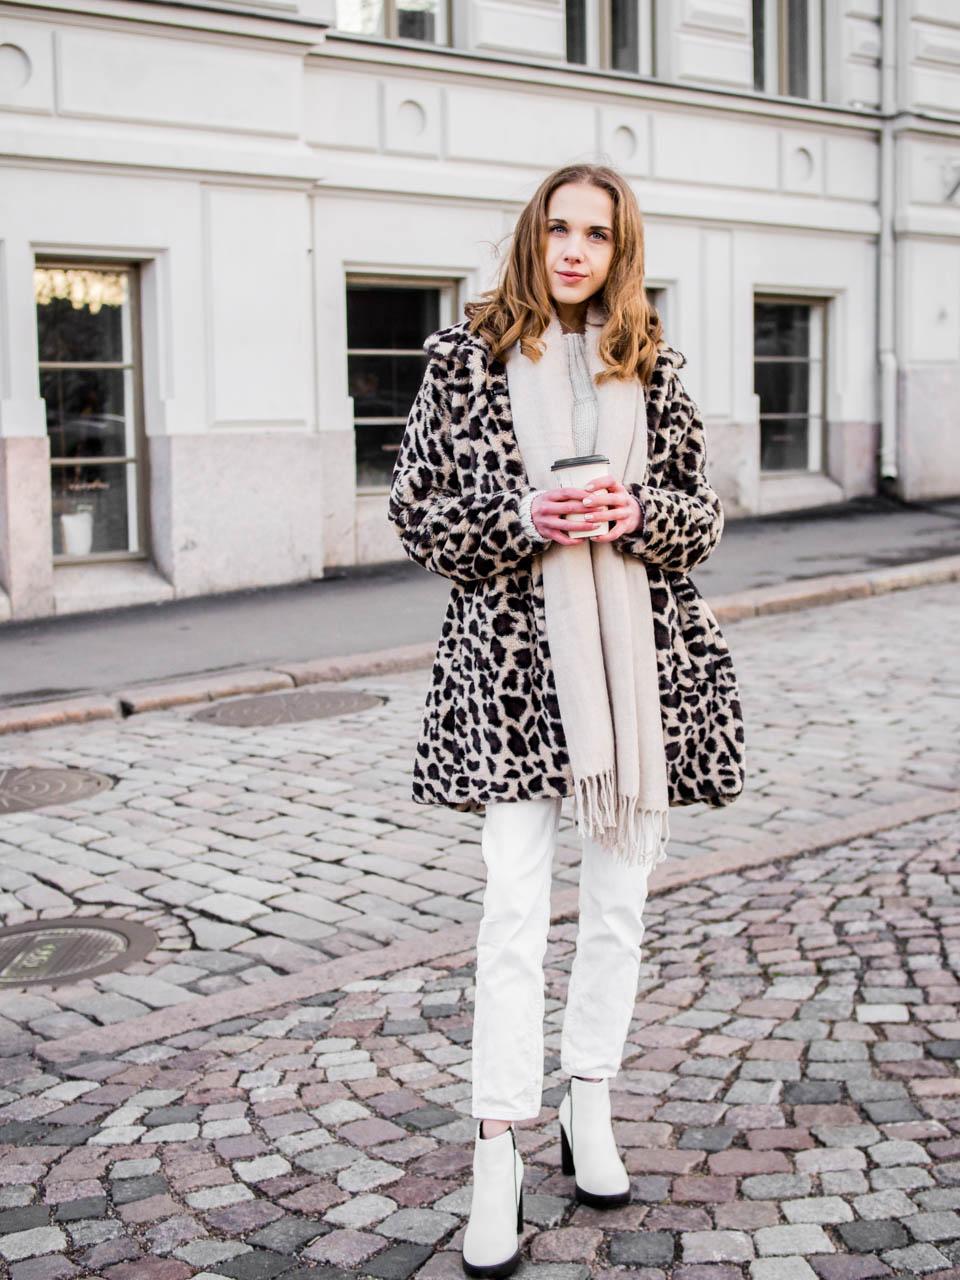 Winter fashion inspiration with white jeans - Talvimuoti, inspiraatio, valkoiset farkut, bloggaaja